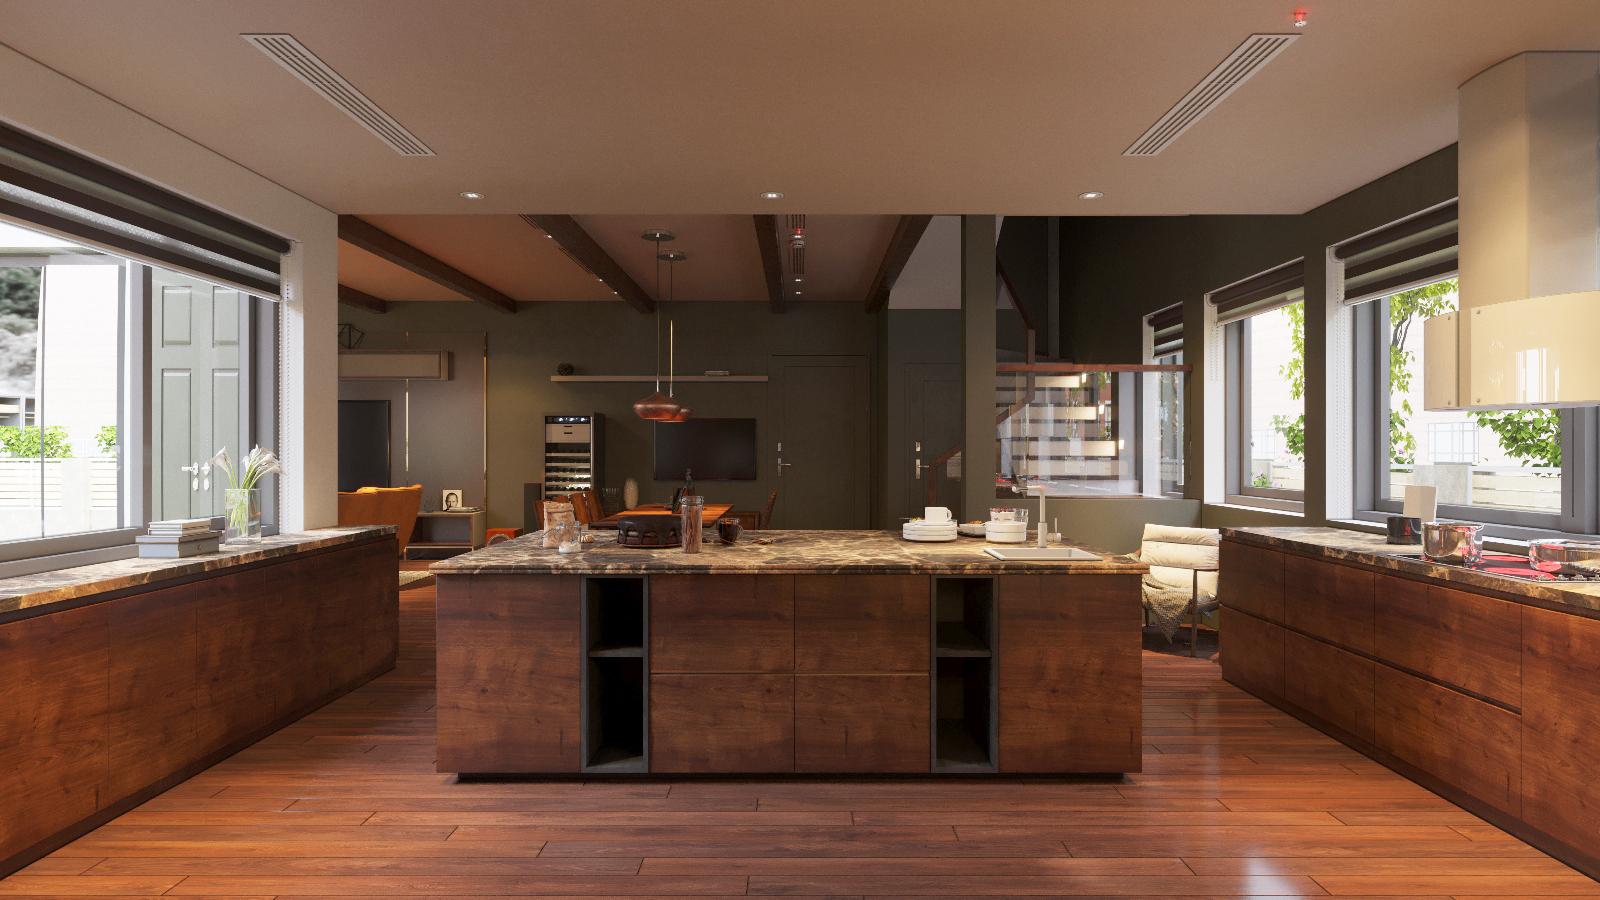 thiết kế Nội thất Biệt Thự 3 tầng biệt thự bt25 splendora mới (lakeside splendora)39